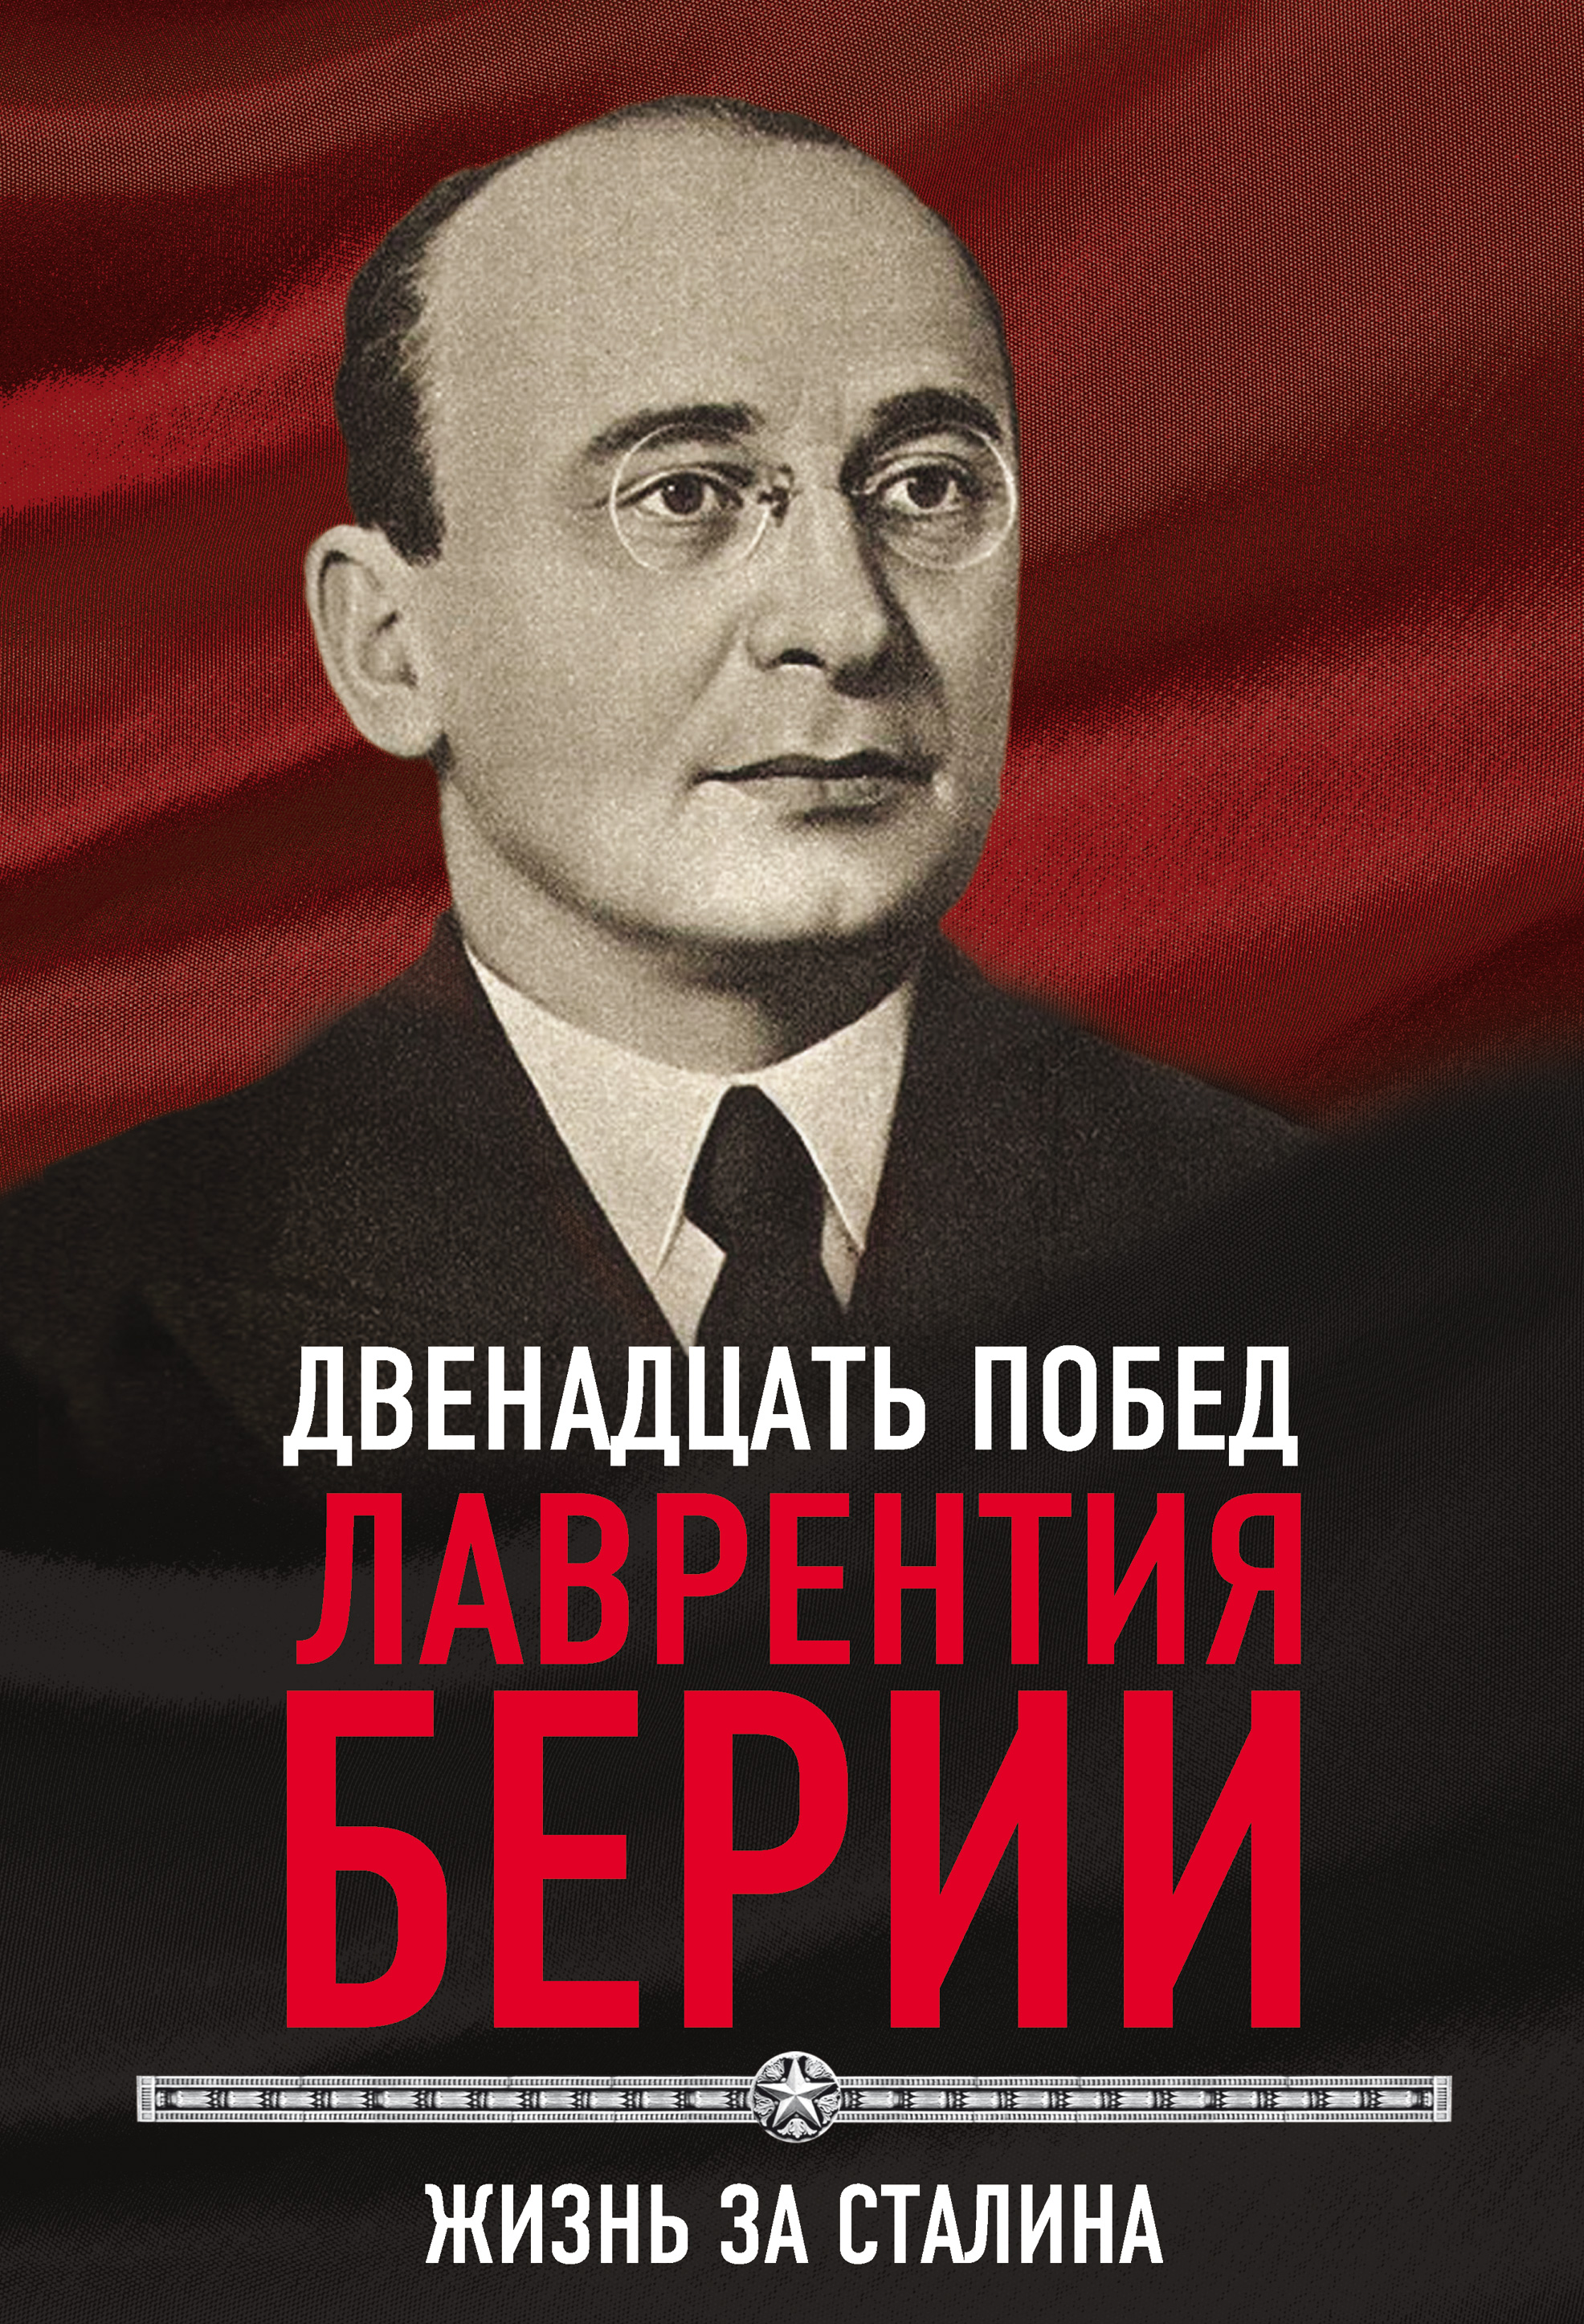 12 pobed lavrentiya berii zhizn za stalina